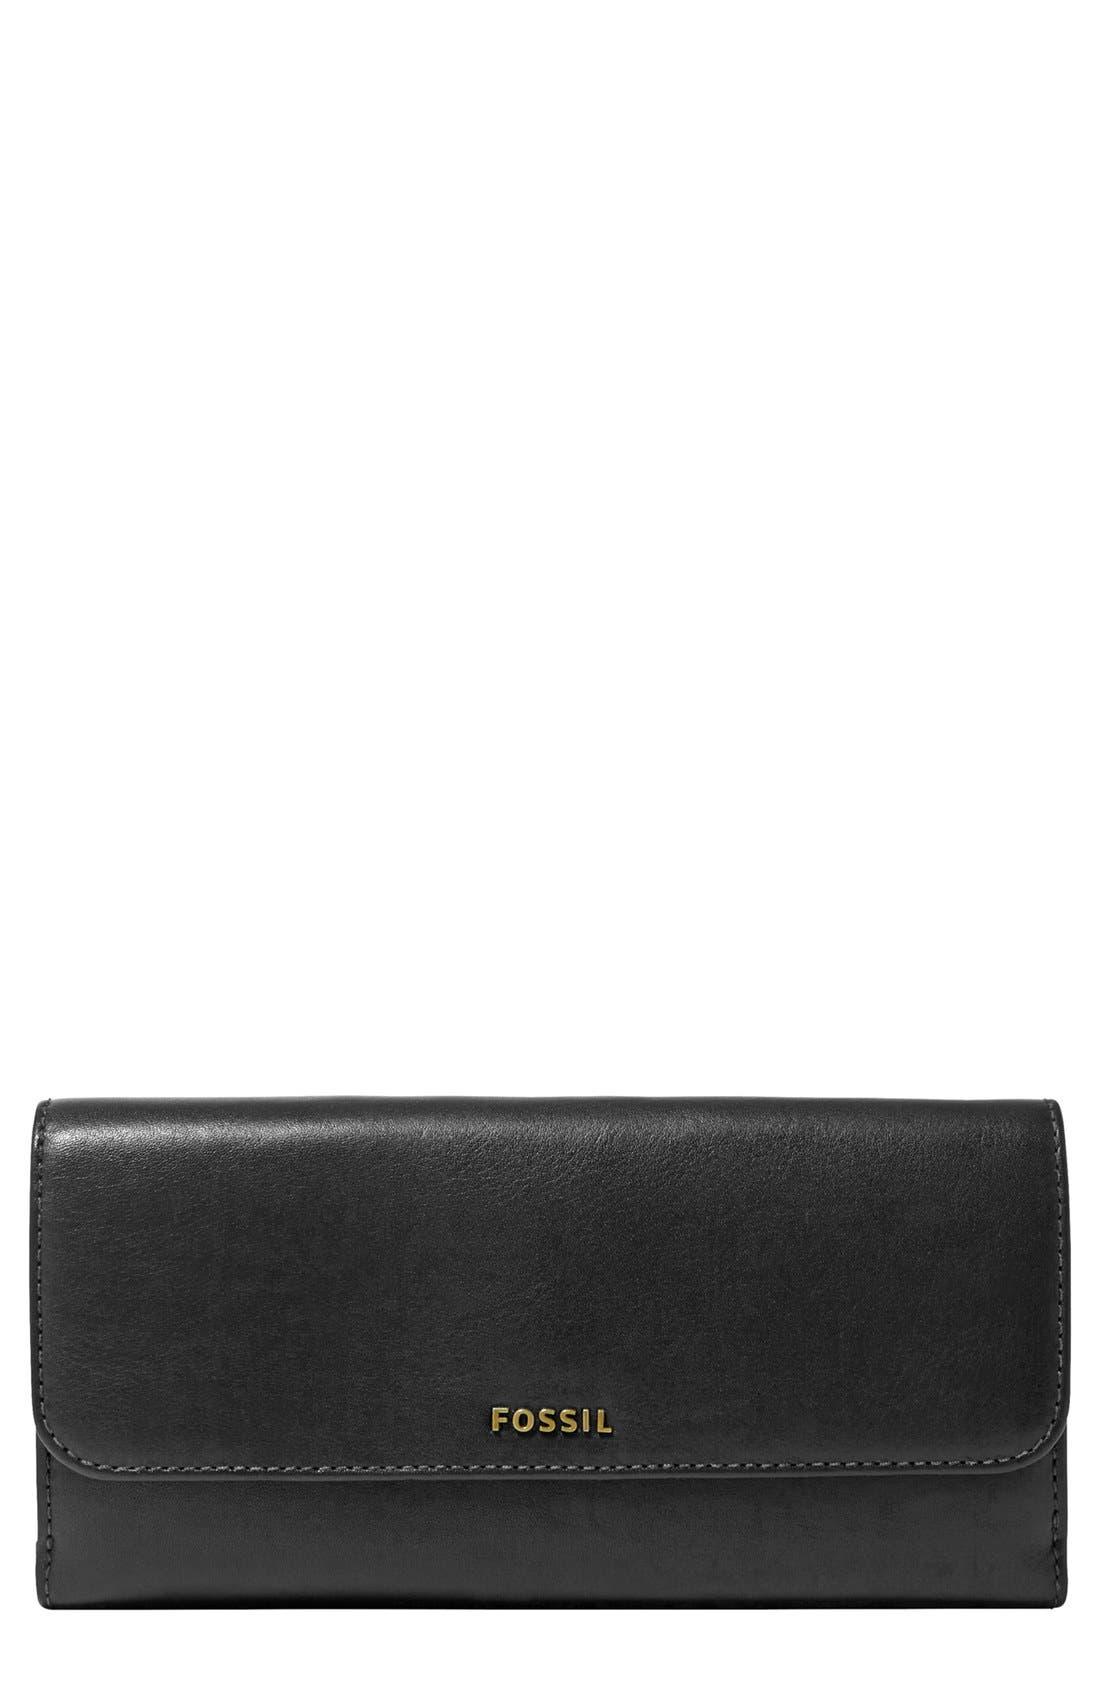 Main Image - Fossil 'Memoir' Checkbook Wallet